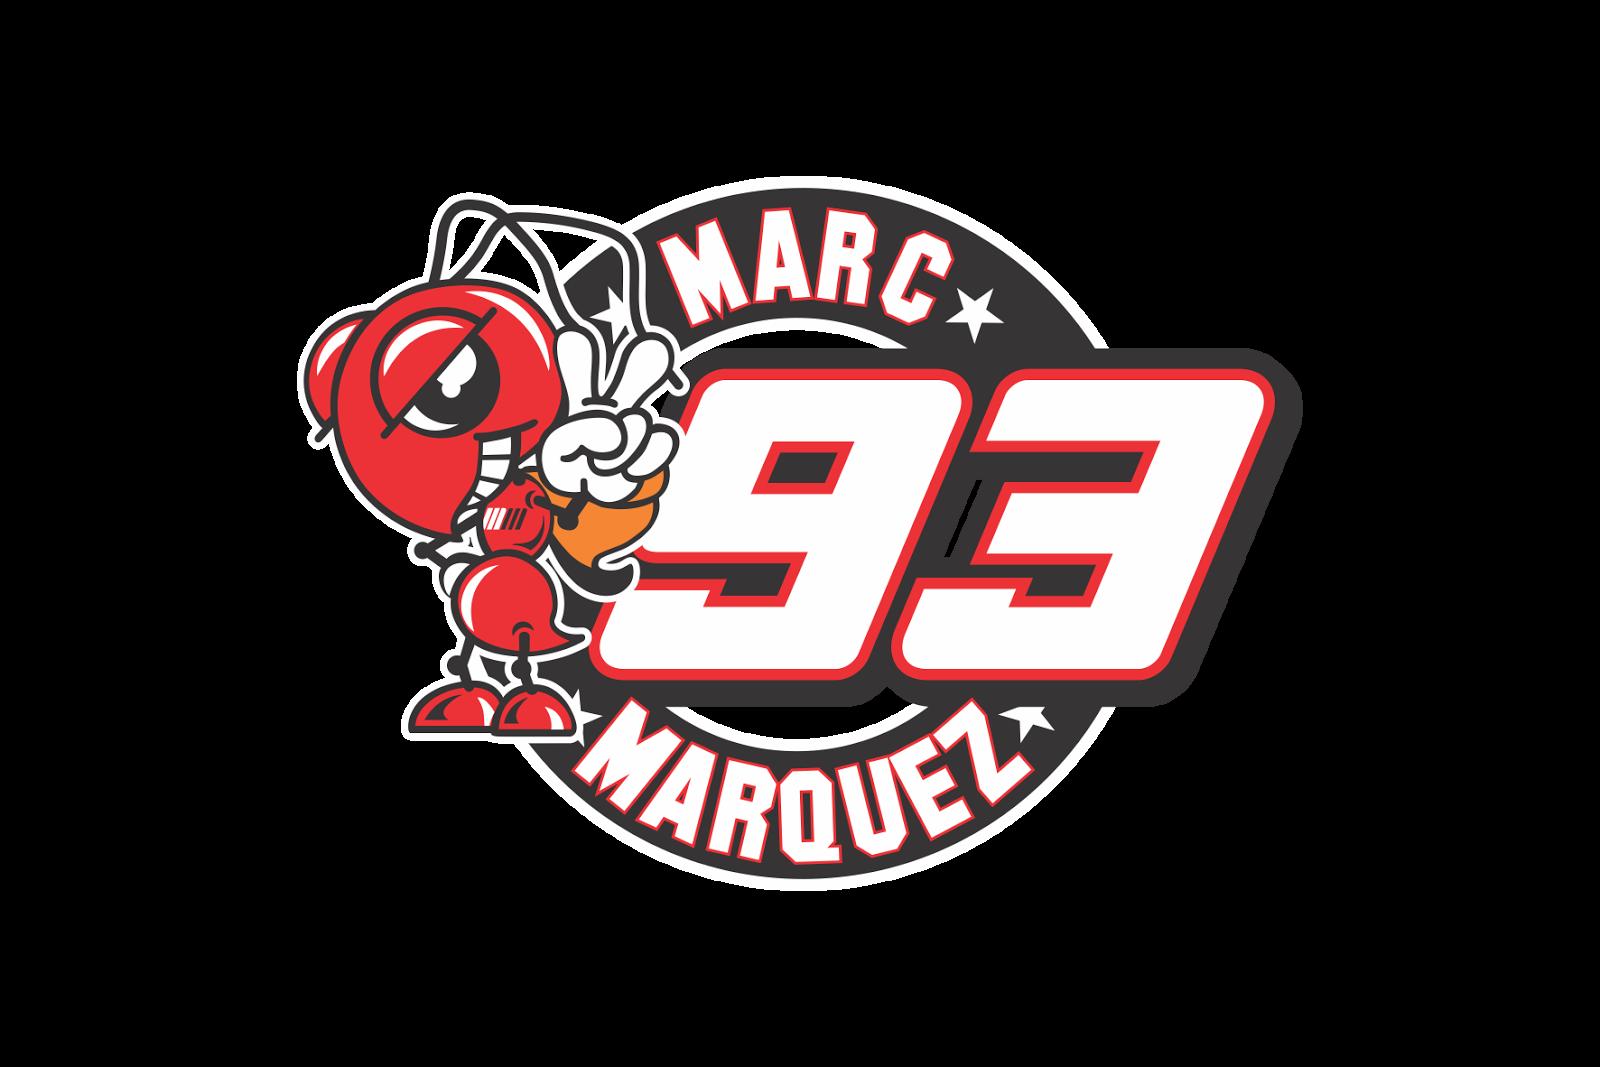 Marc Marquez Logo - Logo-Share